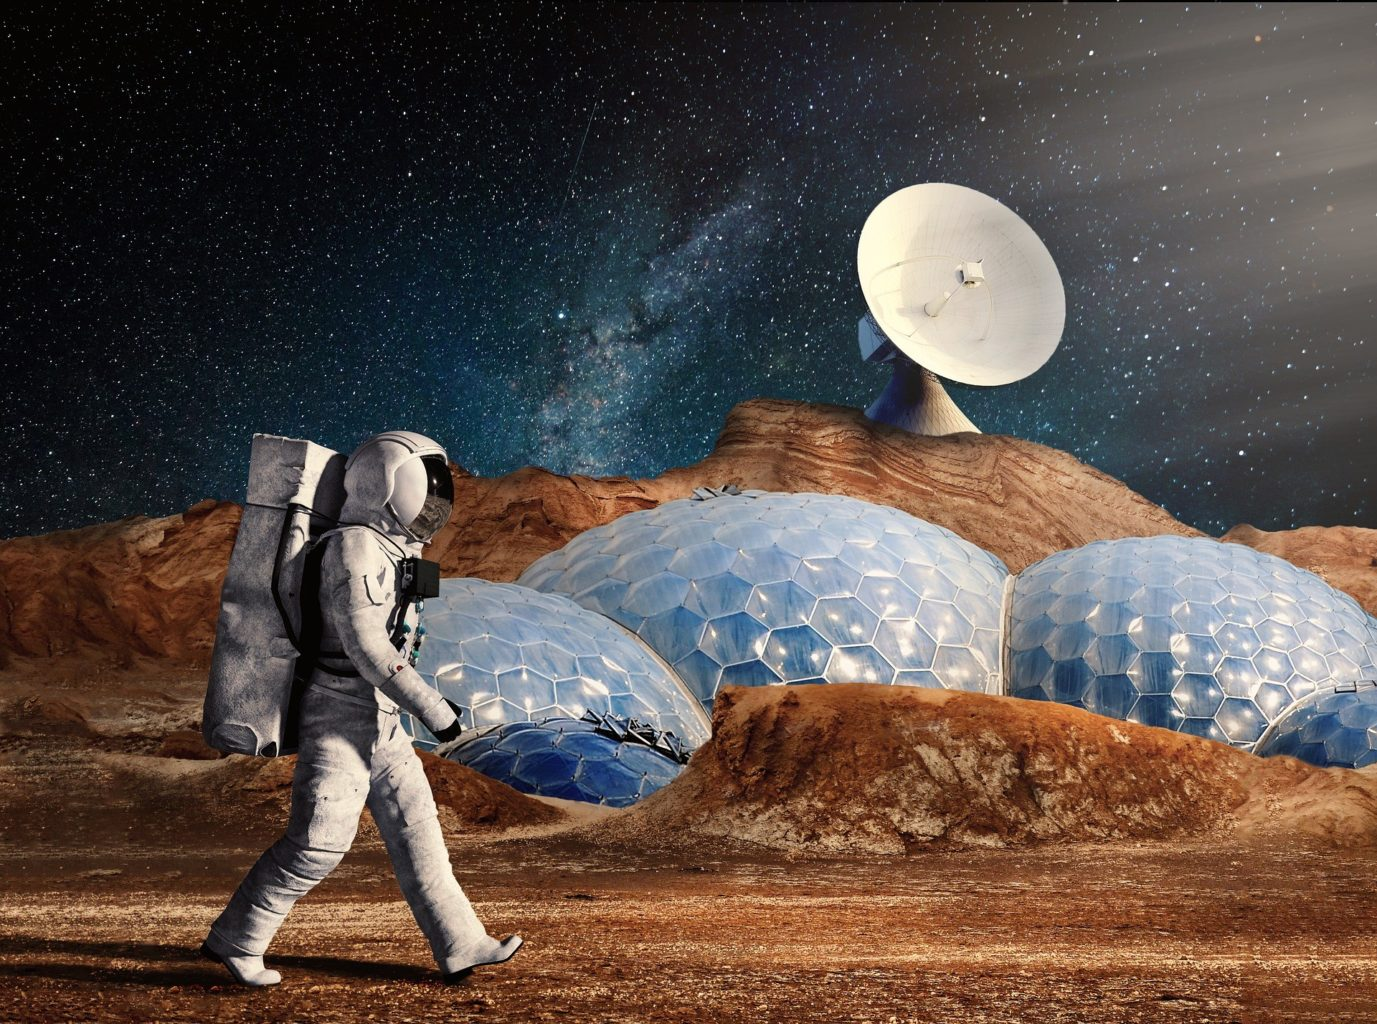 Илон Маск рассказал про первую базу на Марсе